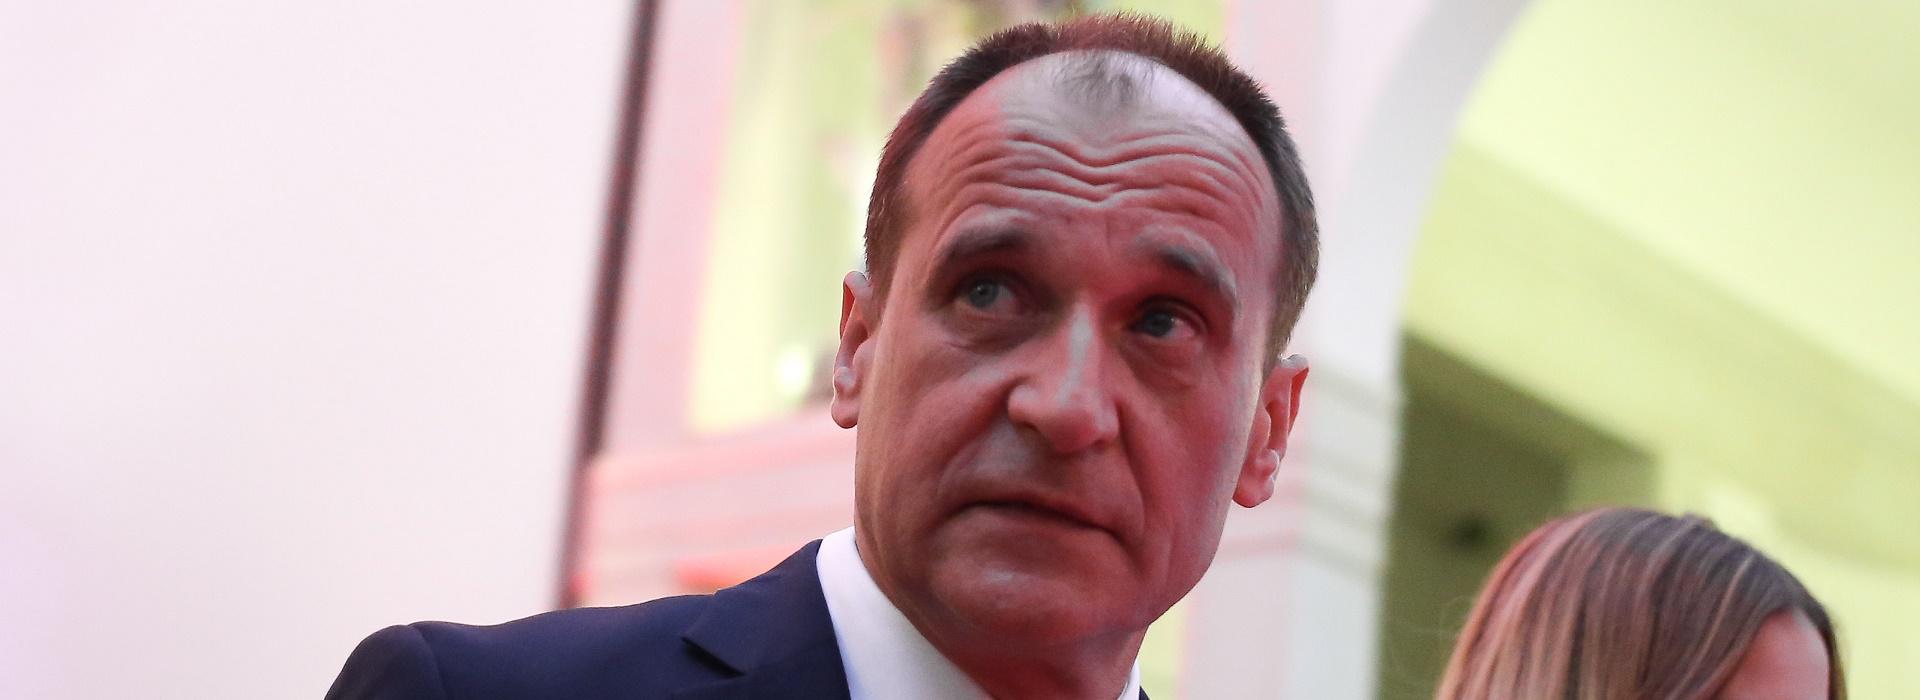 Kukiz chwali premiera Morawieckiego za reakcję w sporze z Izraelem